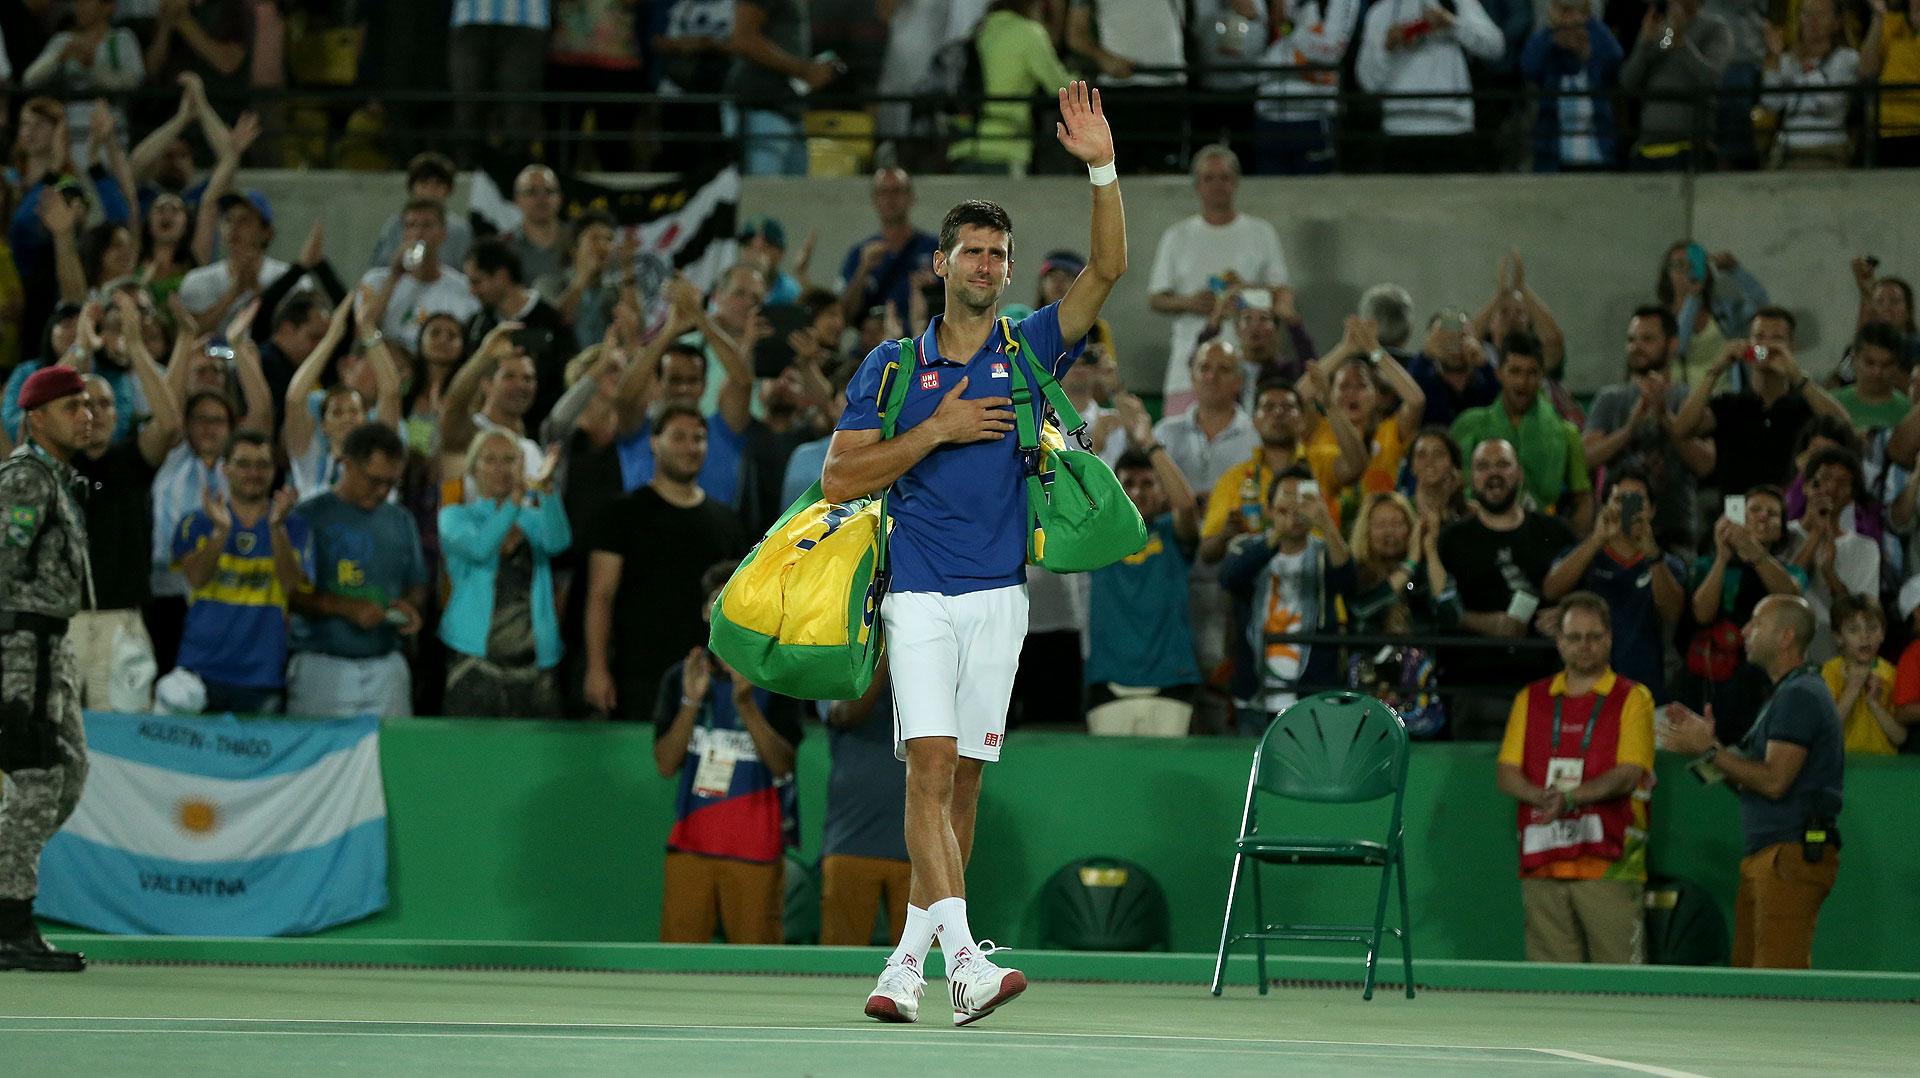 Llanto de Djokovic tras la derrota ante Juan Martín del Potro (Nicolás Stulberg)